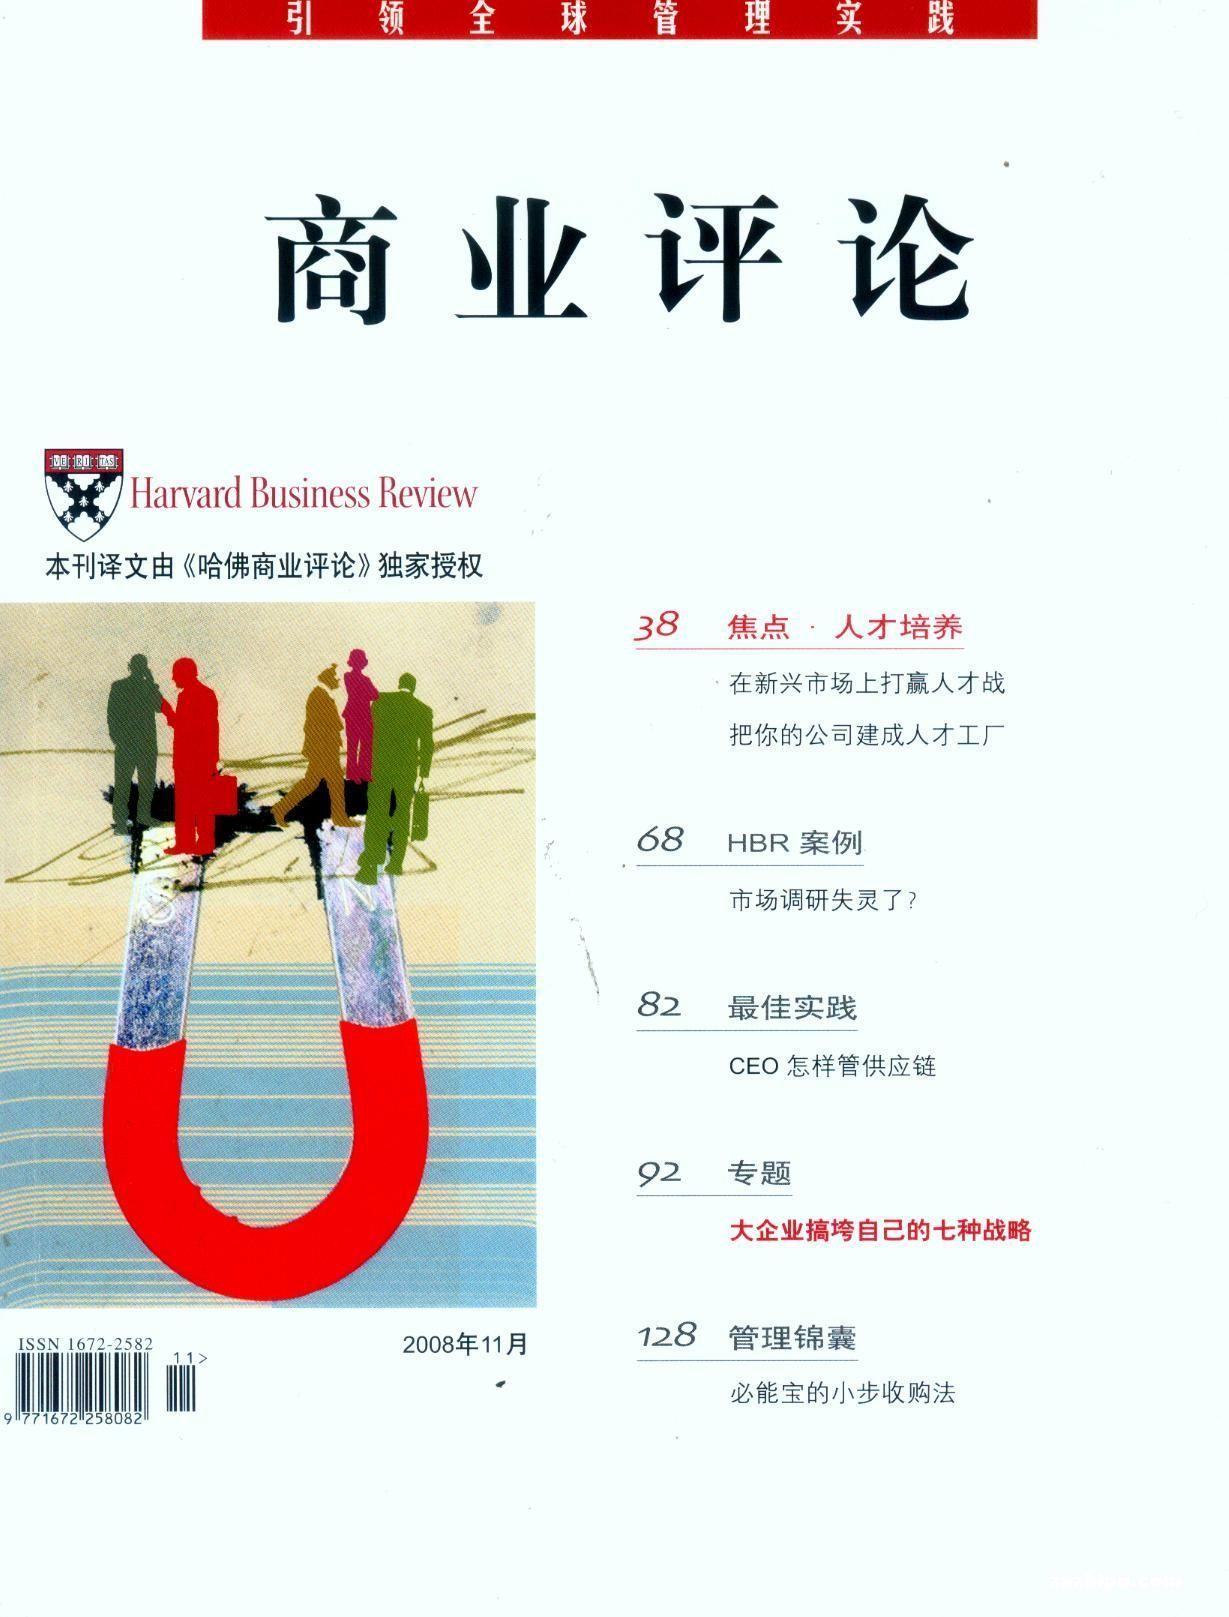 哈佛商业评论2008年11月-商业评论杂志封面,内容精彩试读